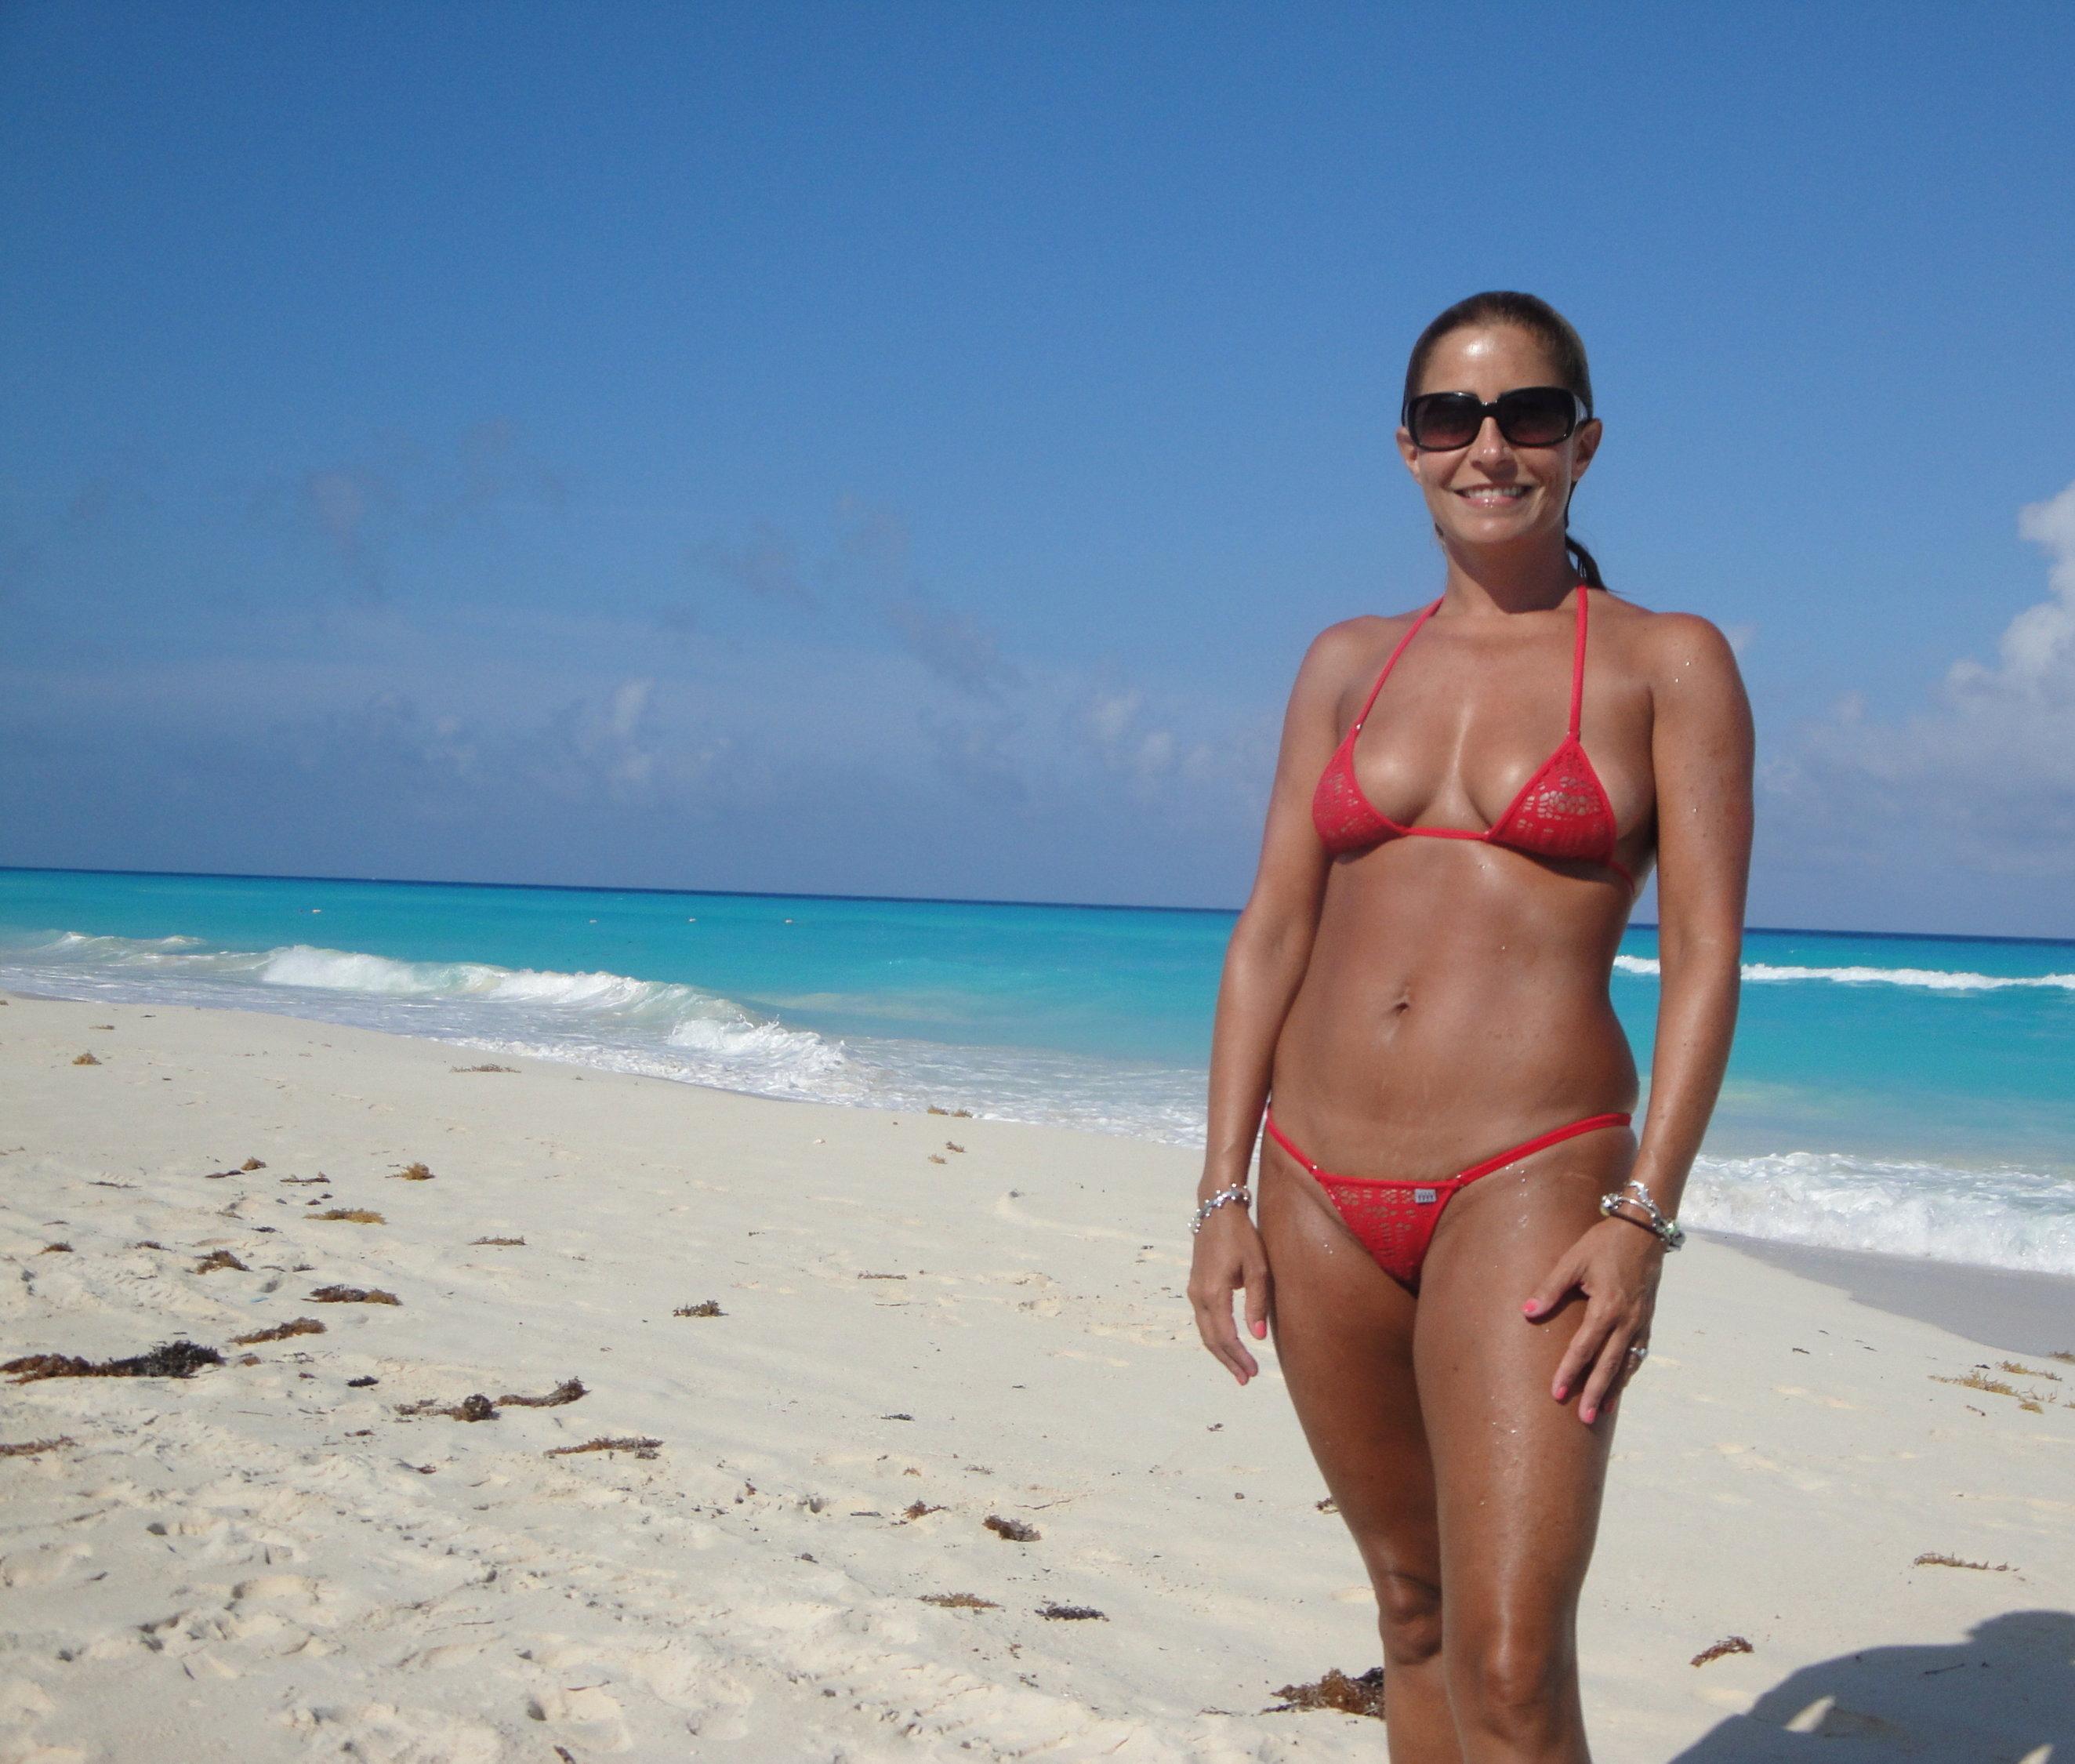 fit milf in see through bikini on a public beach